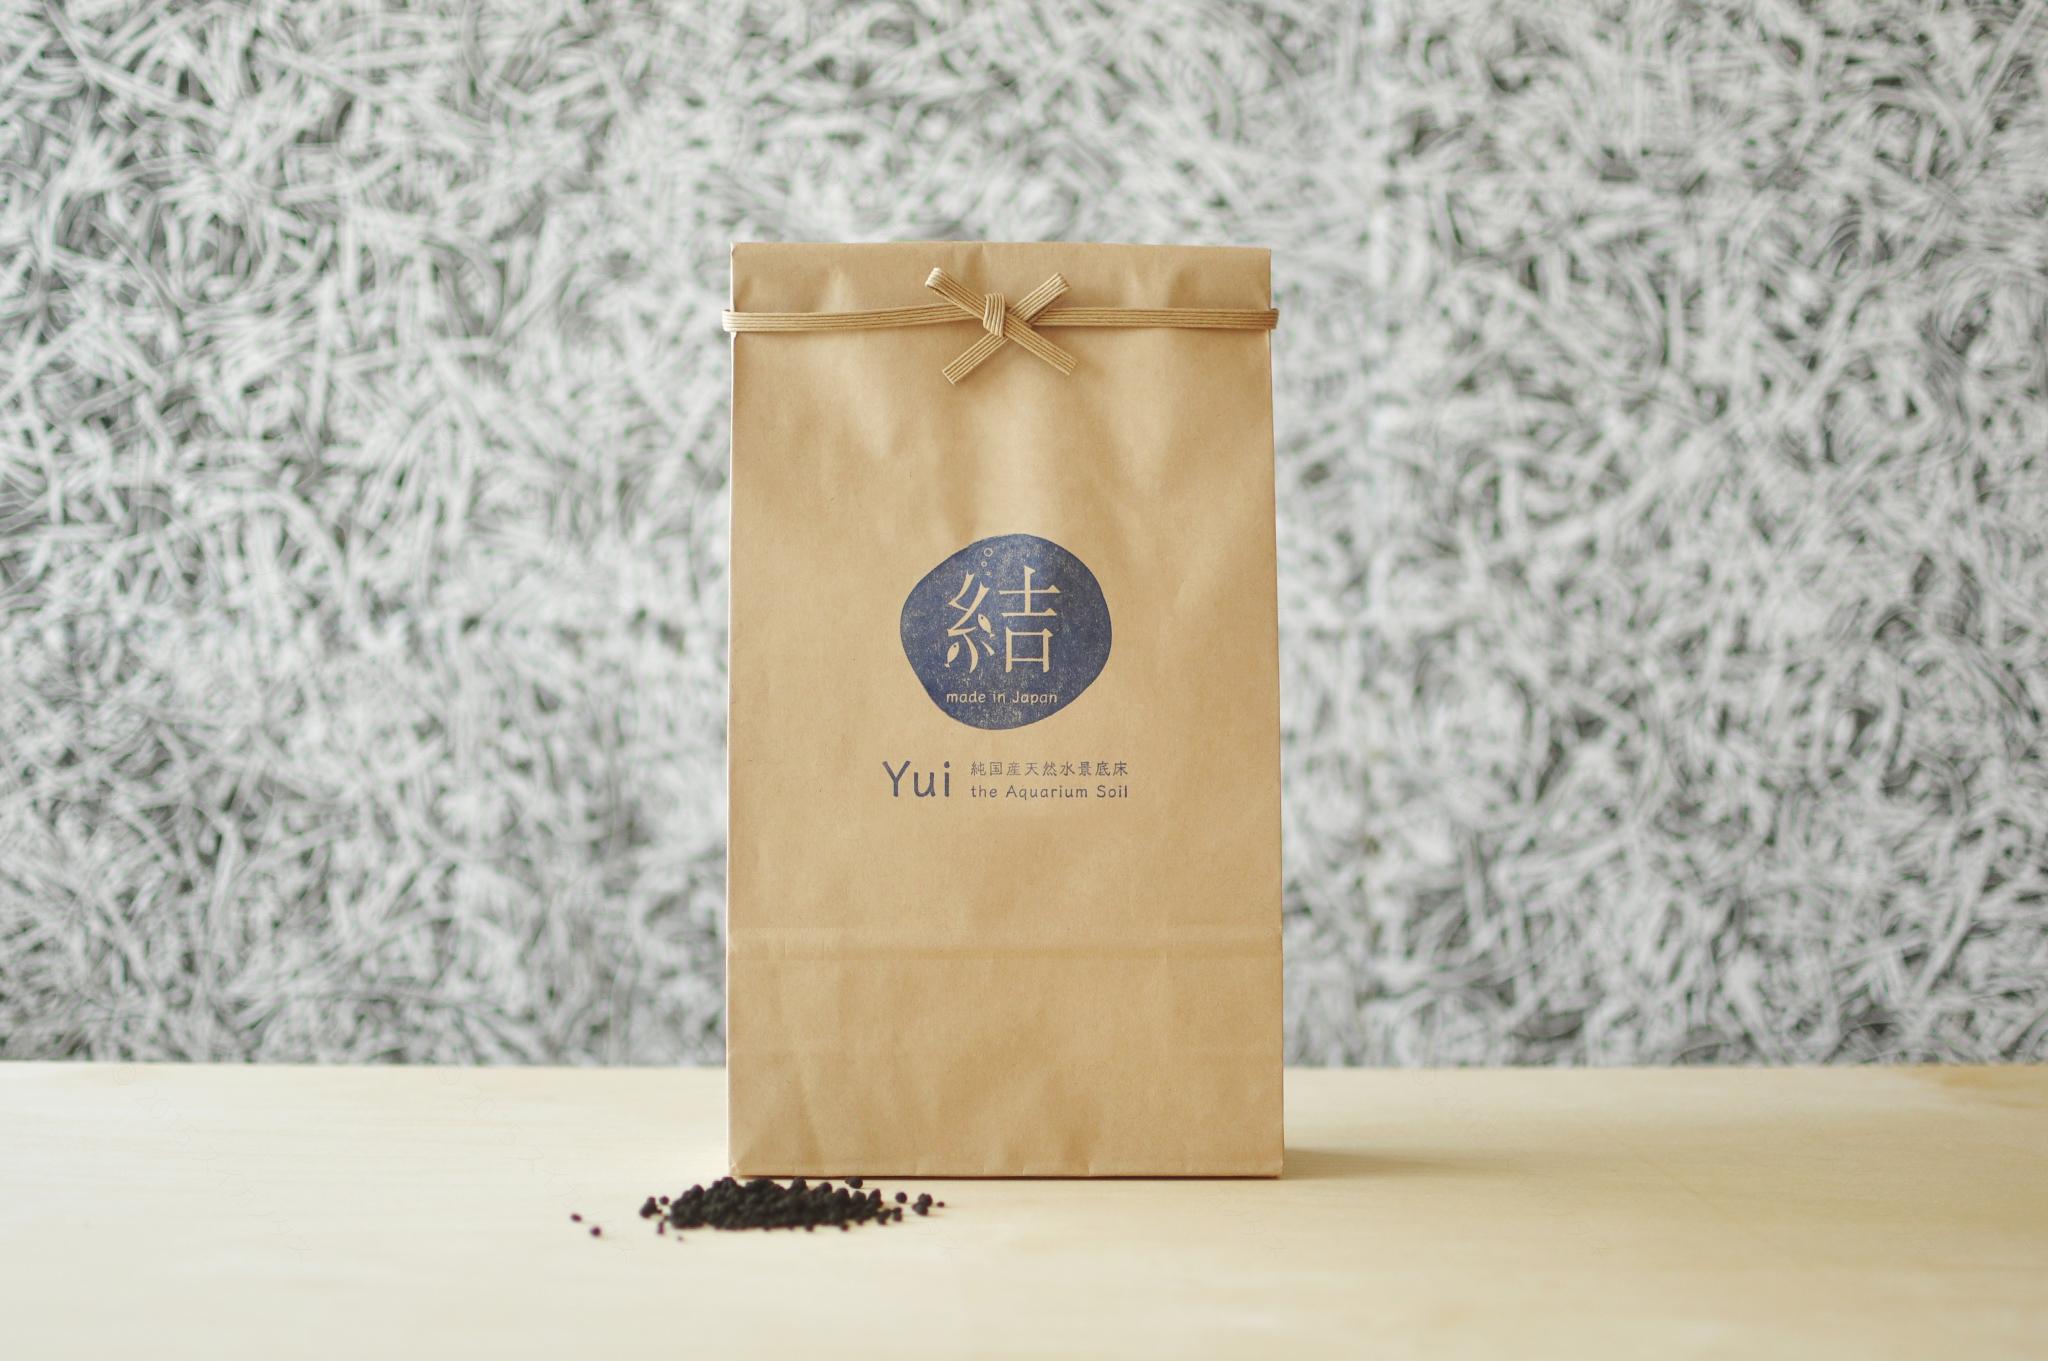 パッケージ、ロゴ、スタンプ、パンフレットのデザイン、新潟市